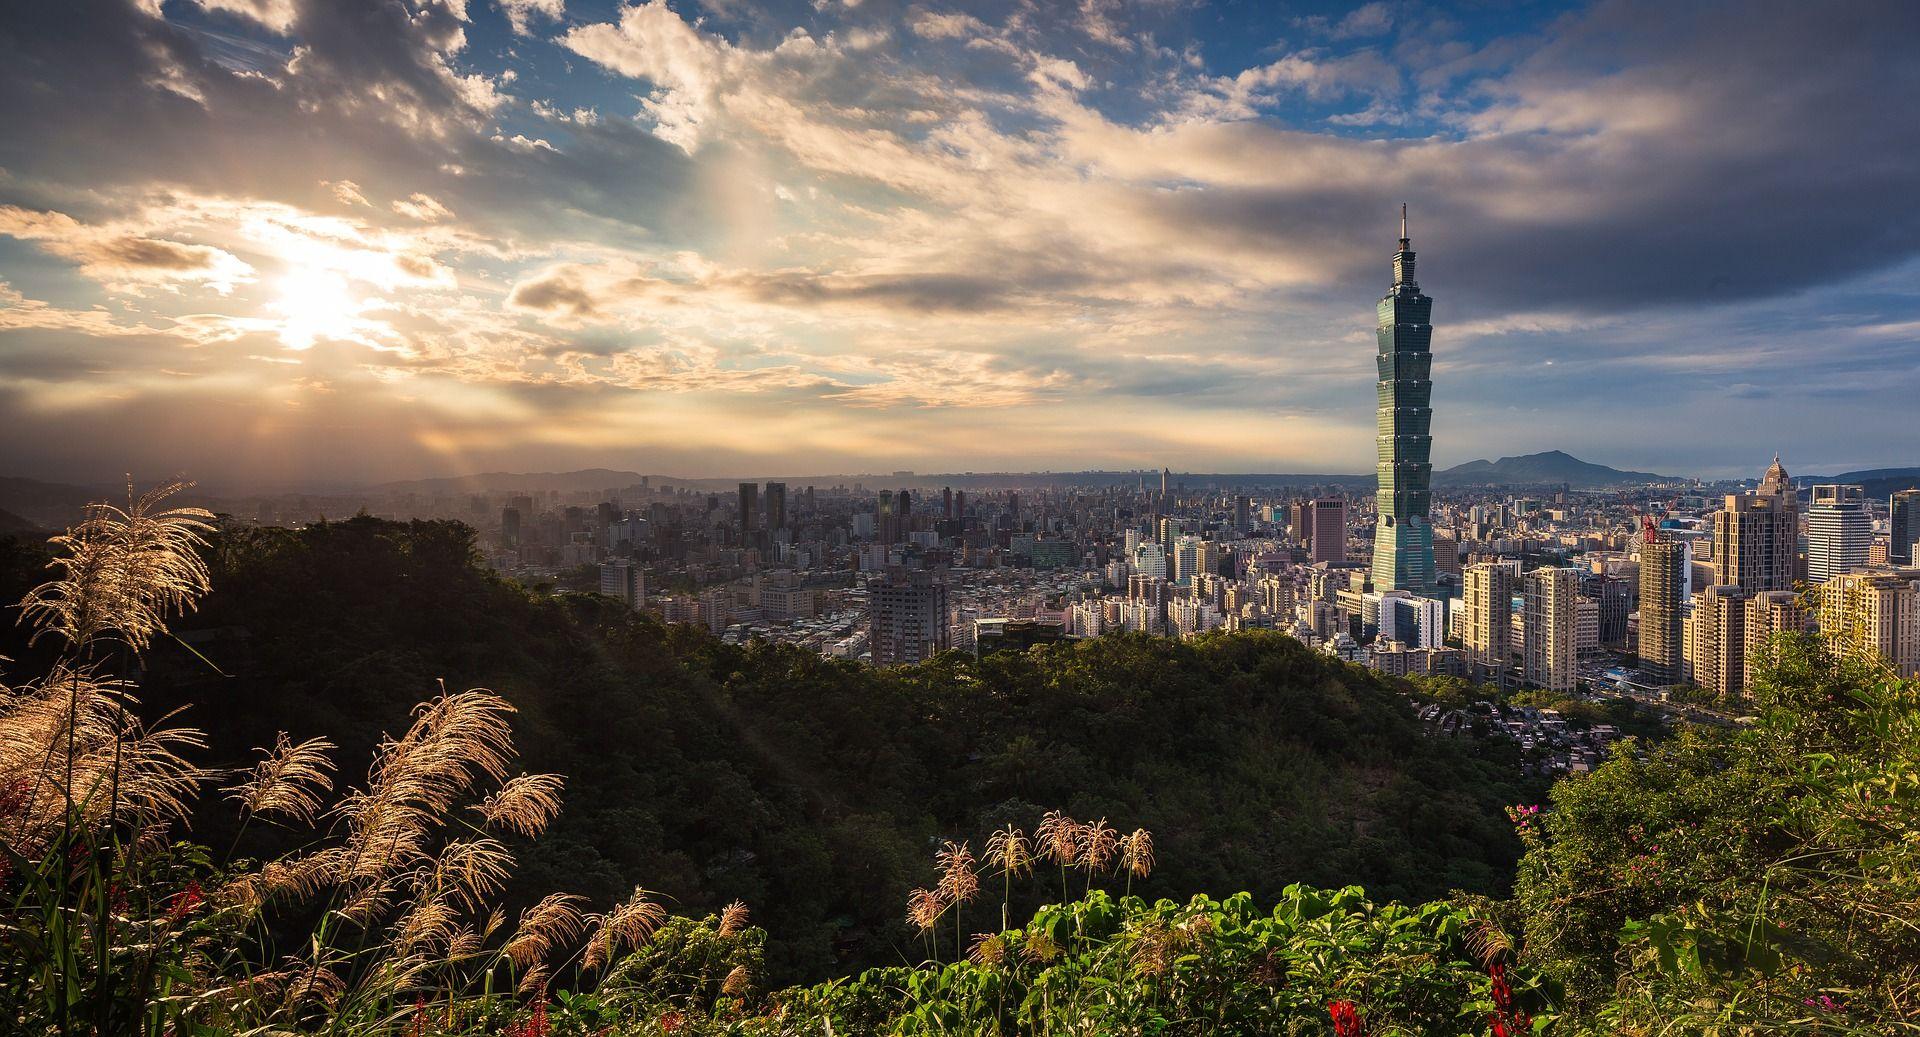 日本、中國和台灣之旅 14晚航程(名人 千禧號)